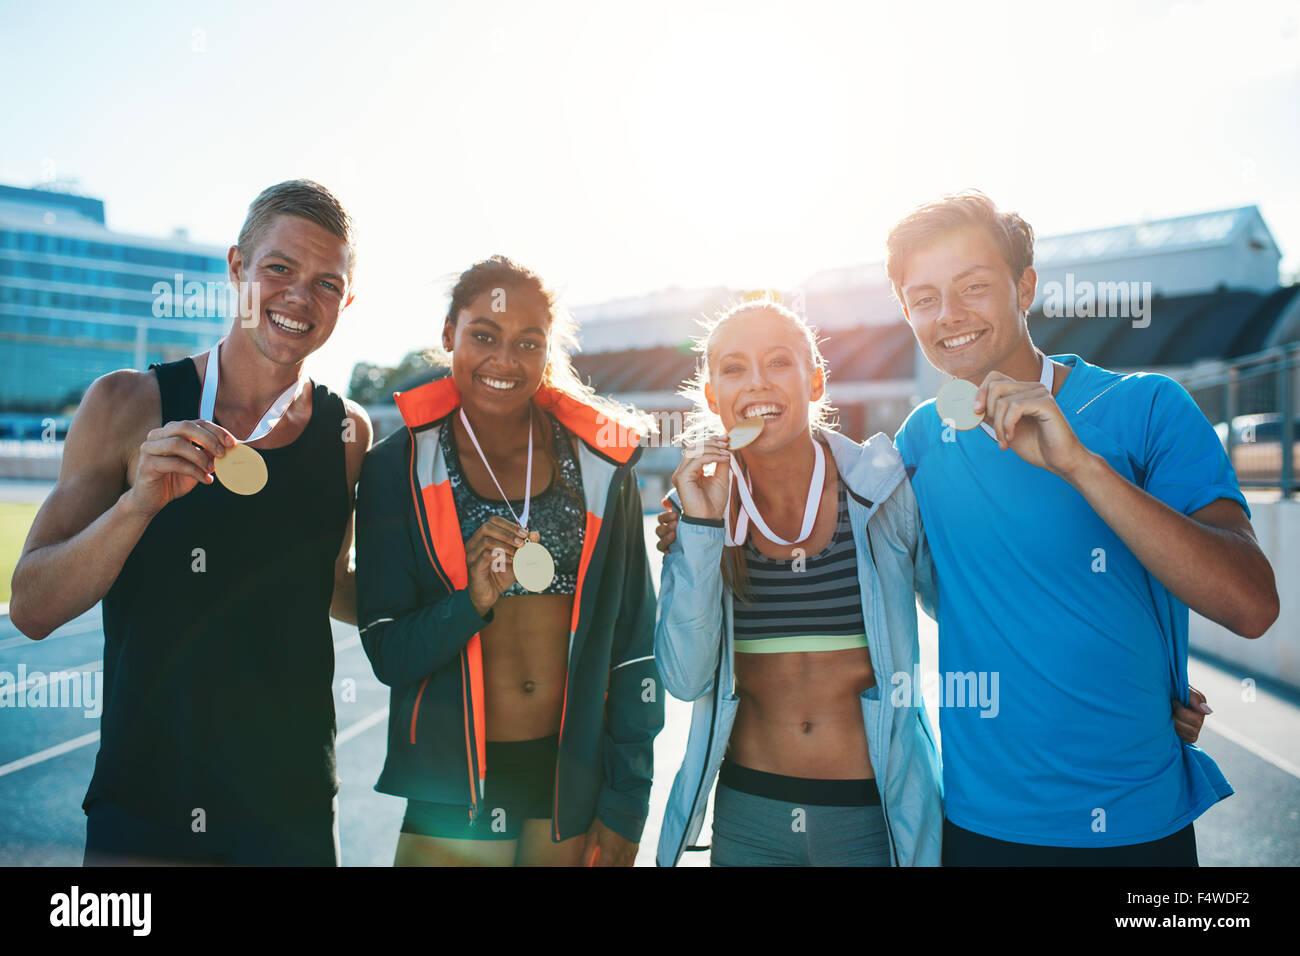 Portrait de jeunes coureurs extatique montrant des médailles. Les jeunes hommes et femmes à la hâte Photo Stock